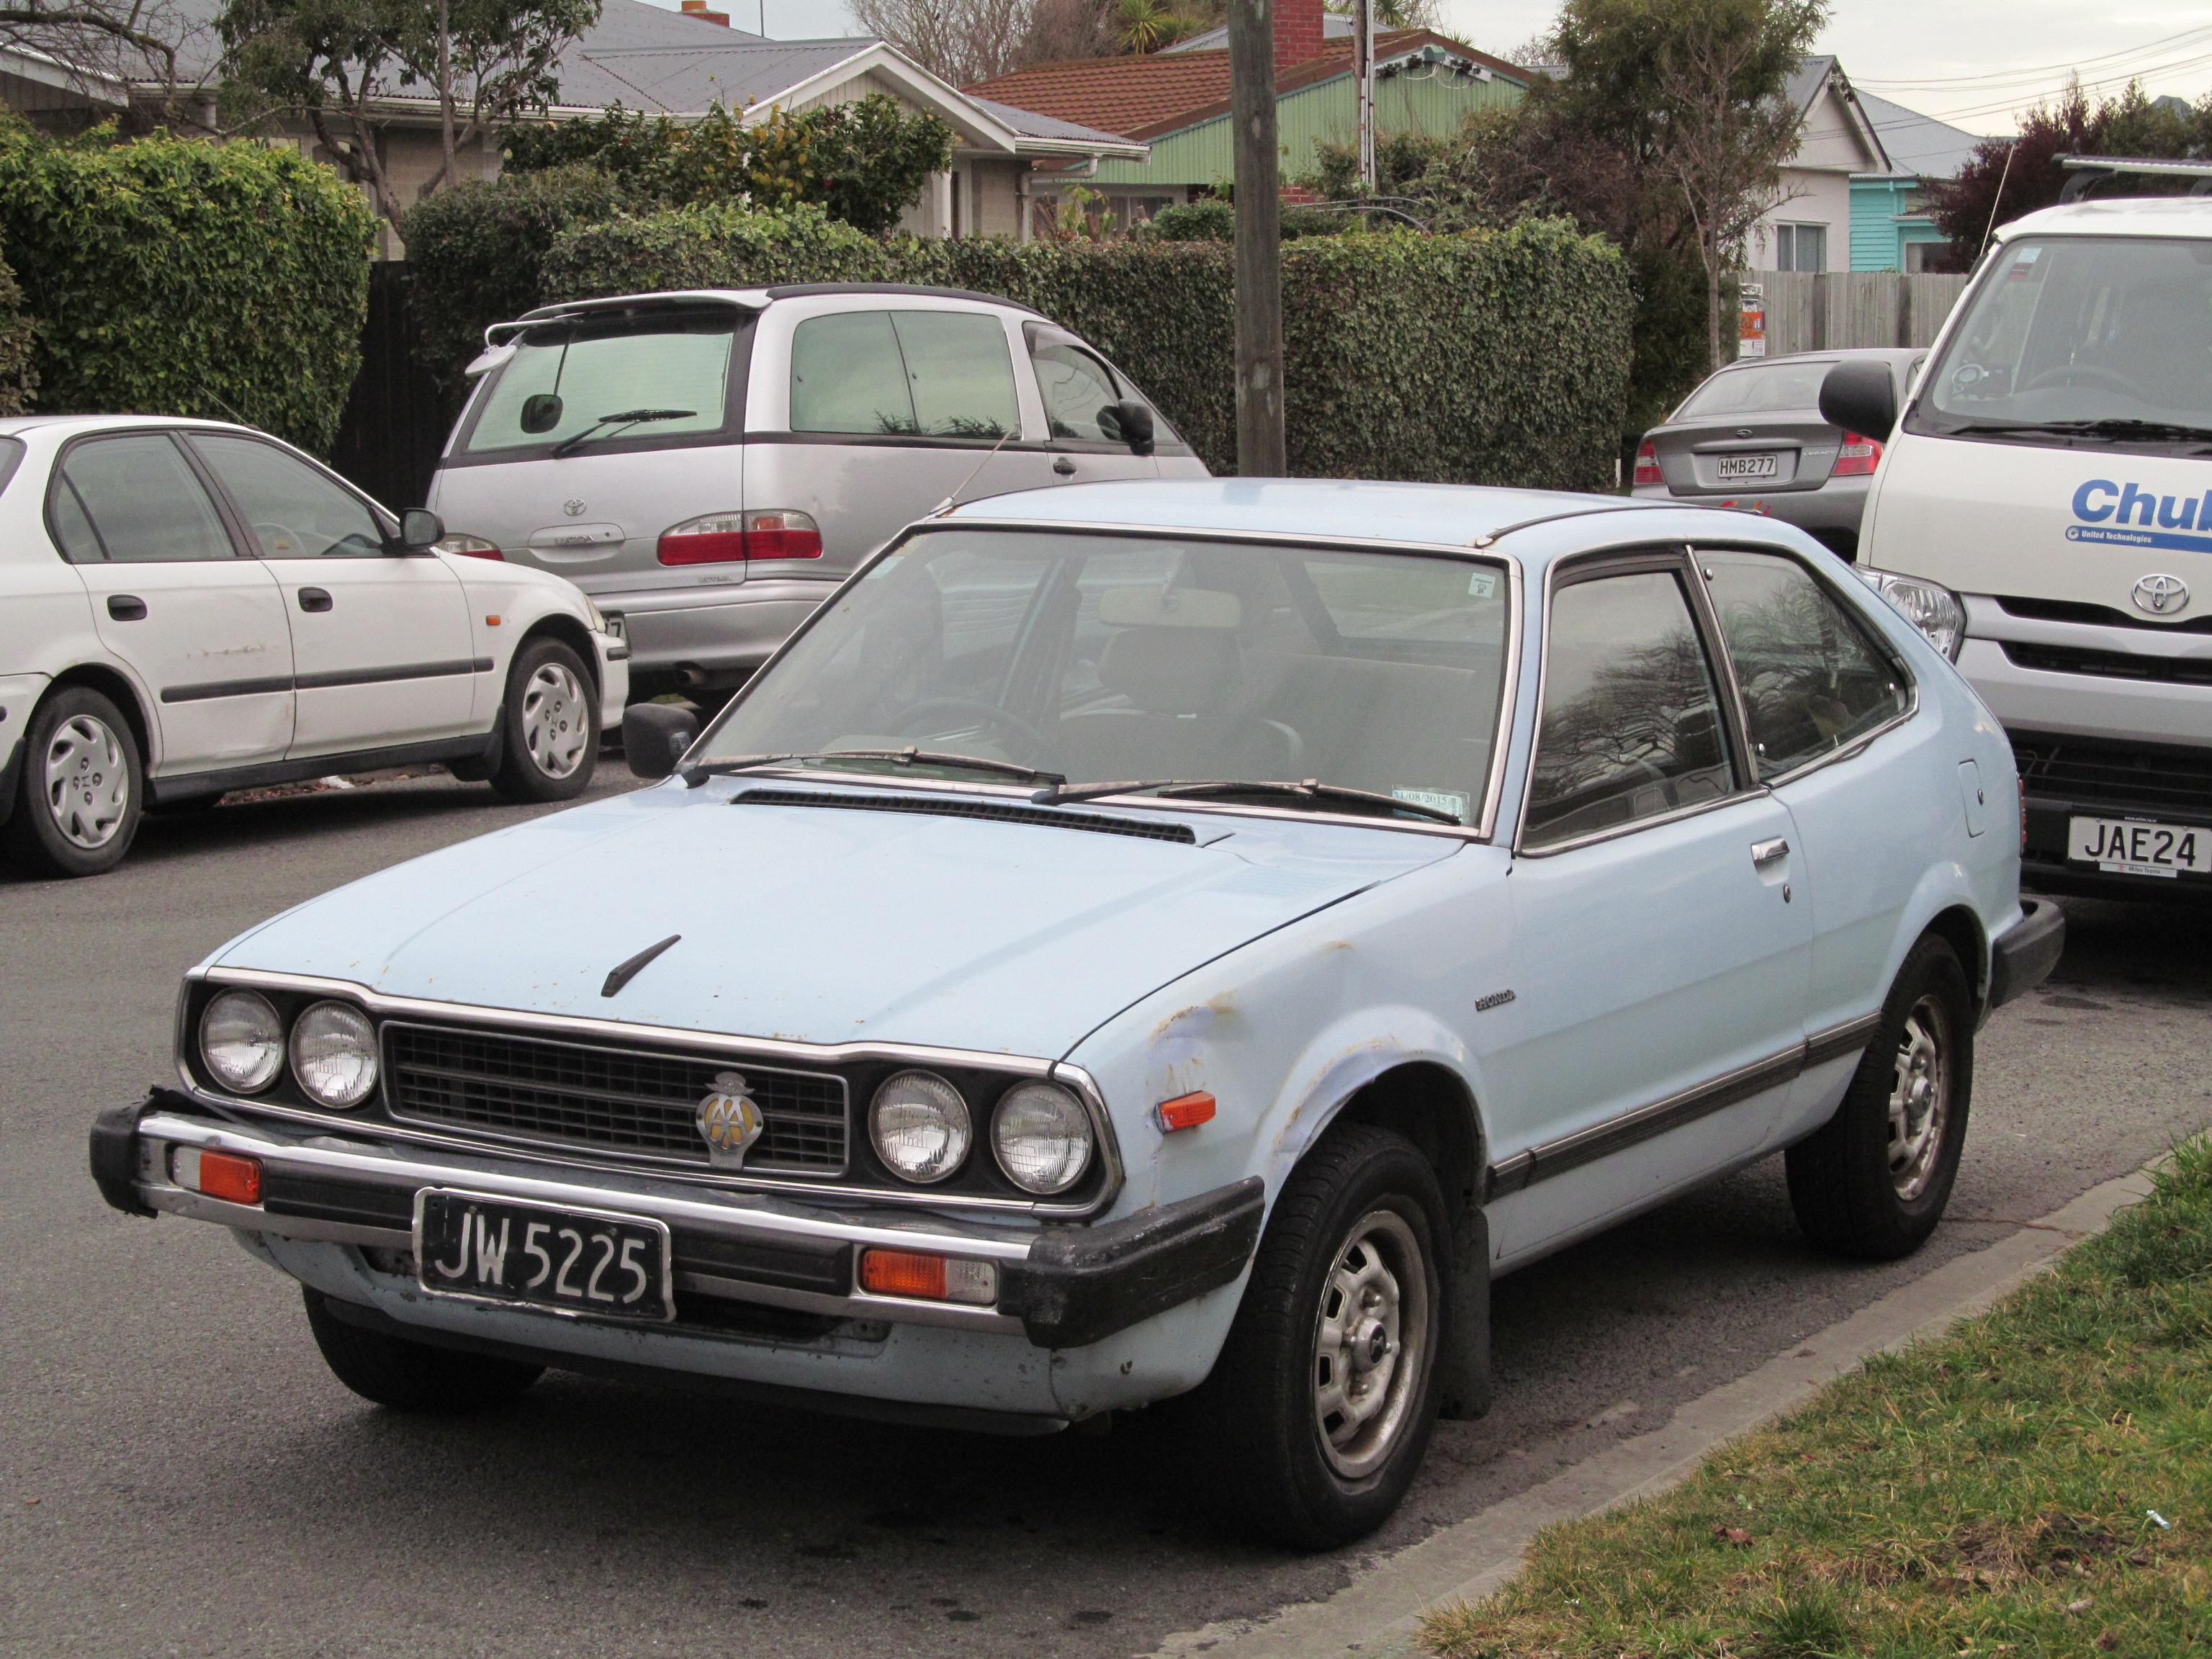 Kelebihan Kekurangan Honda Accord 1981 Top Model Tahun Ini